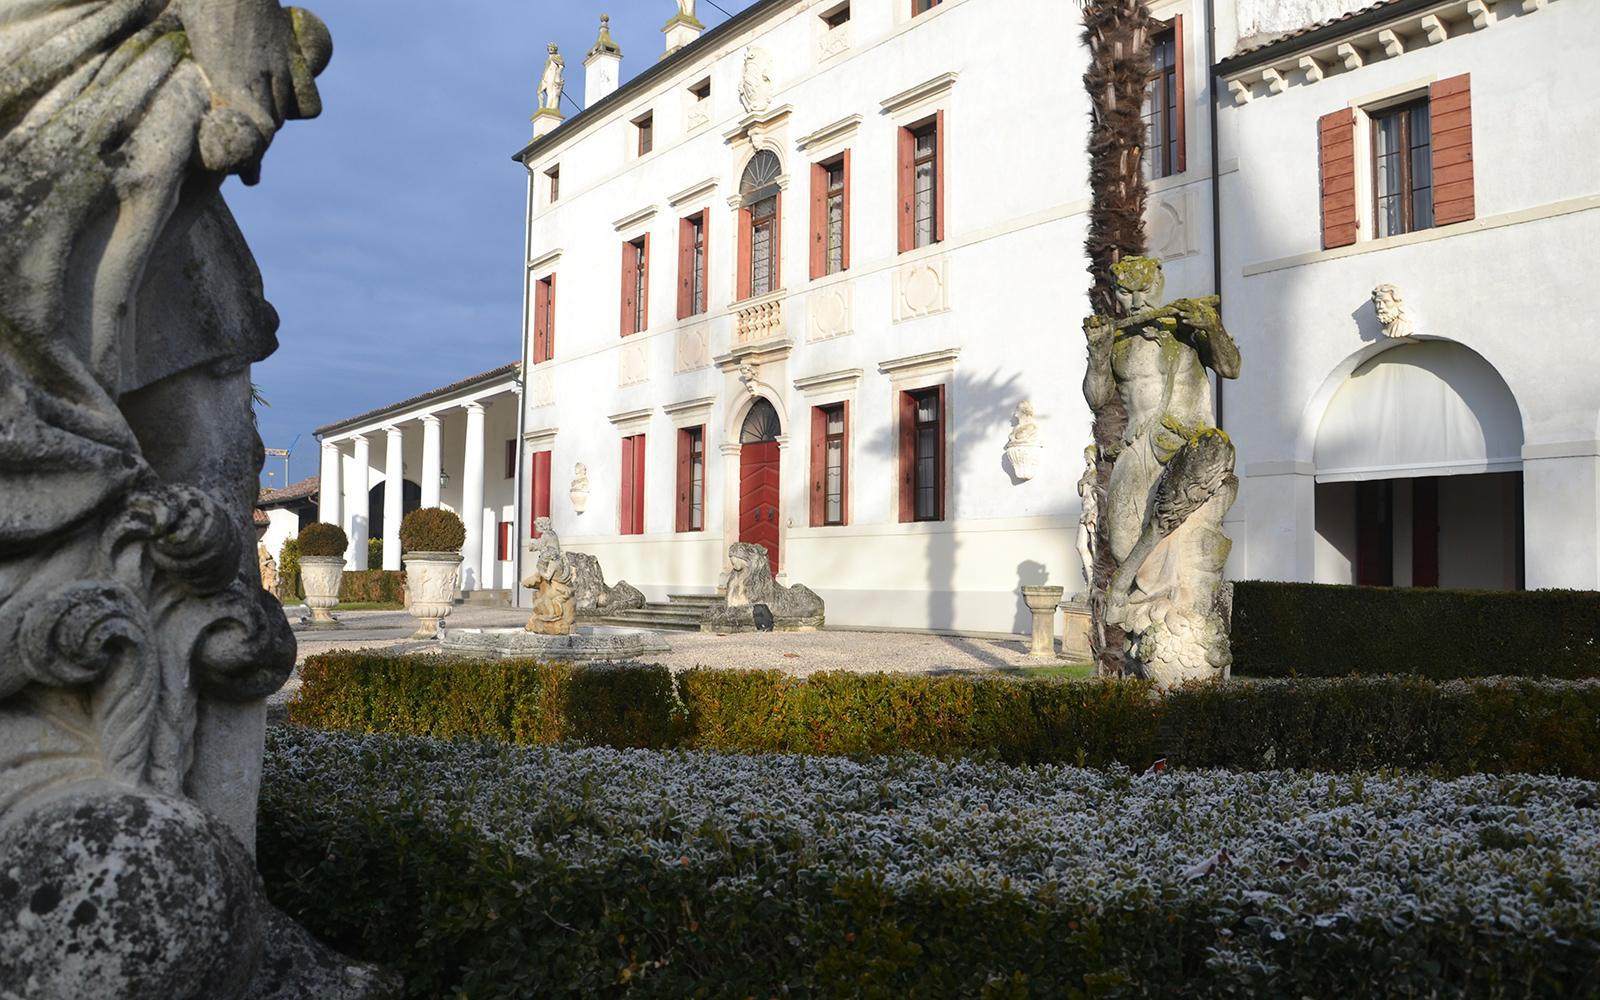 giardino esterno matrimoni Vicenza, giardino esterno matrimoni Padova, illa per feste private Vicenza, villa per feste private Padova, giardino esterno per eventi Vicenza